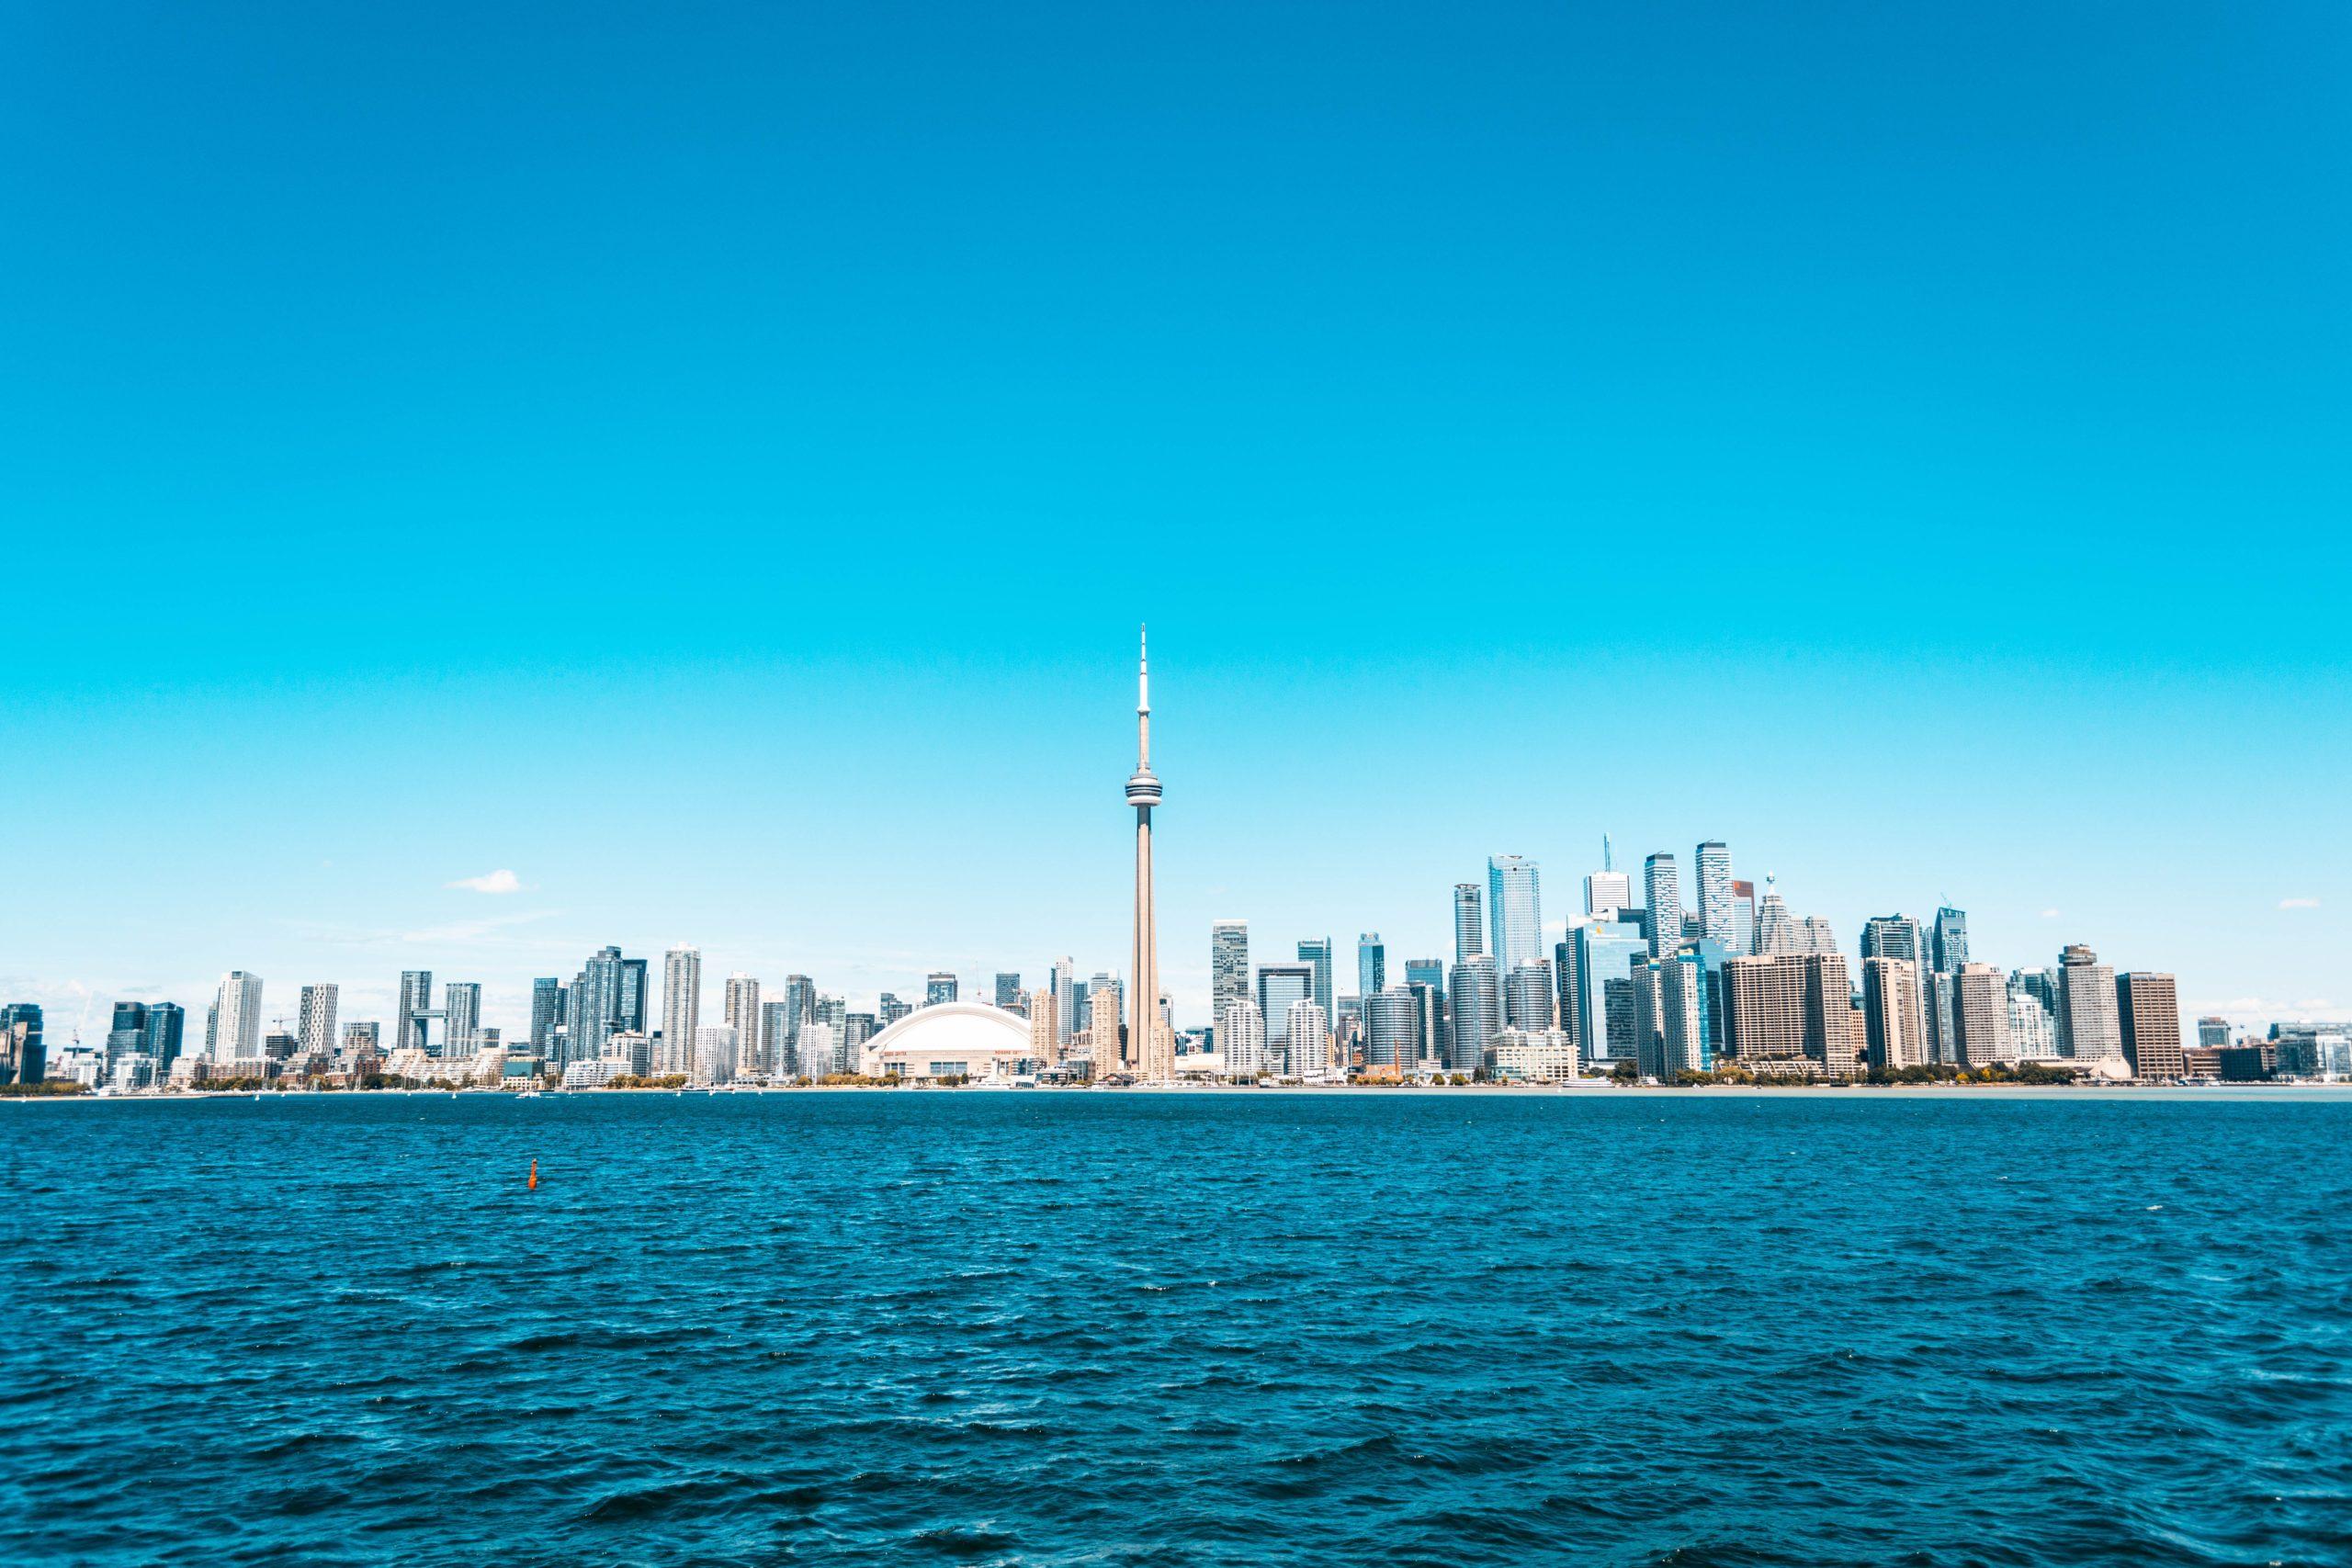 Storytelling in Toronto